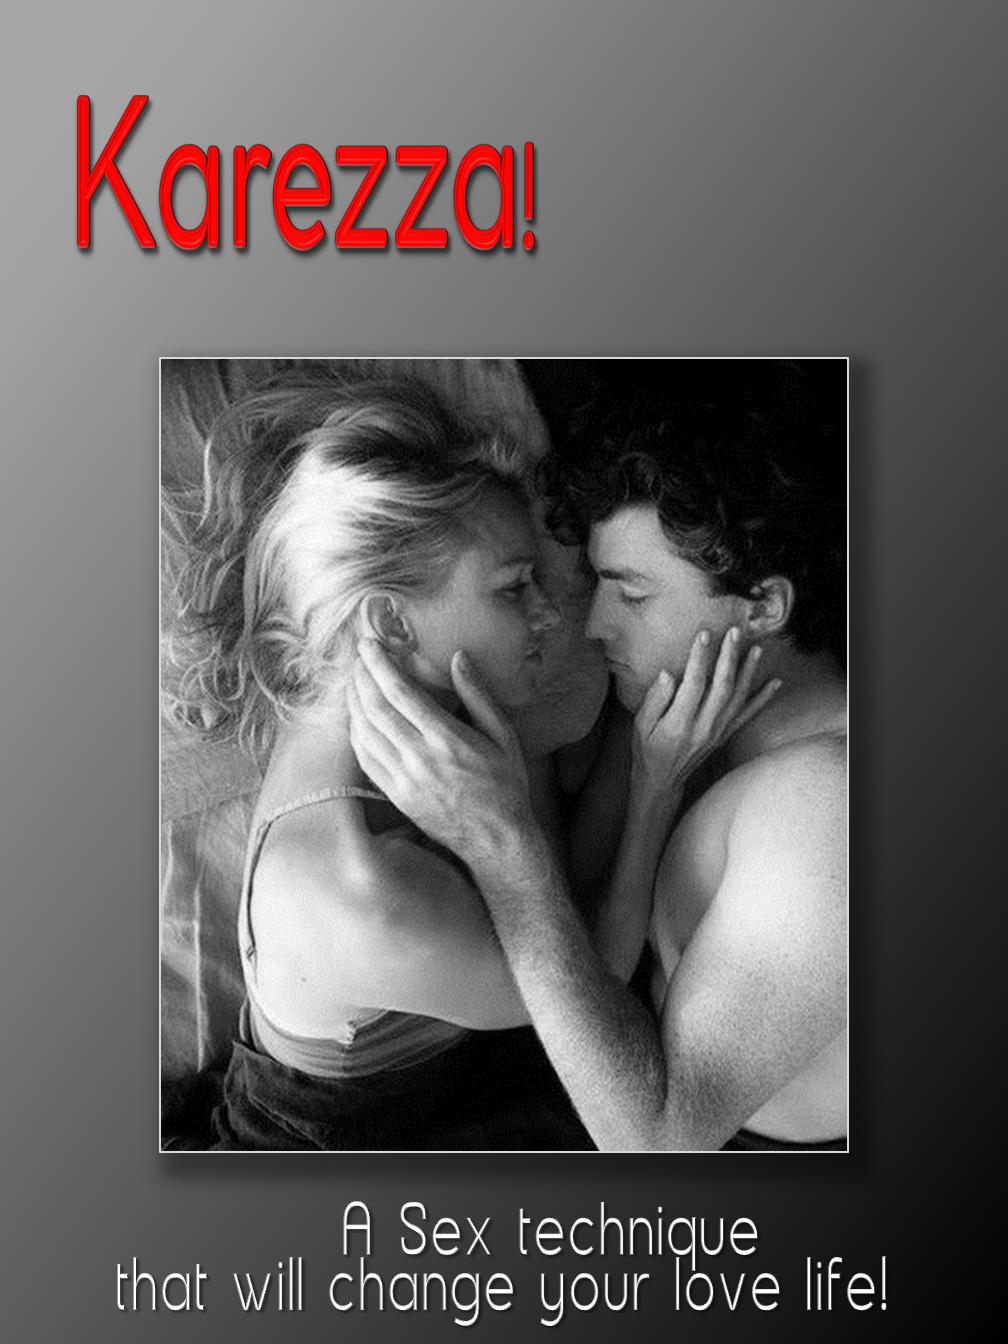 Karezza!